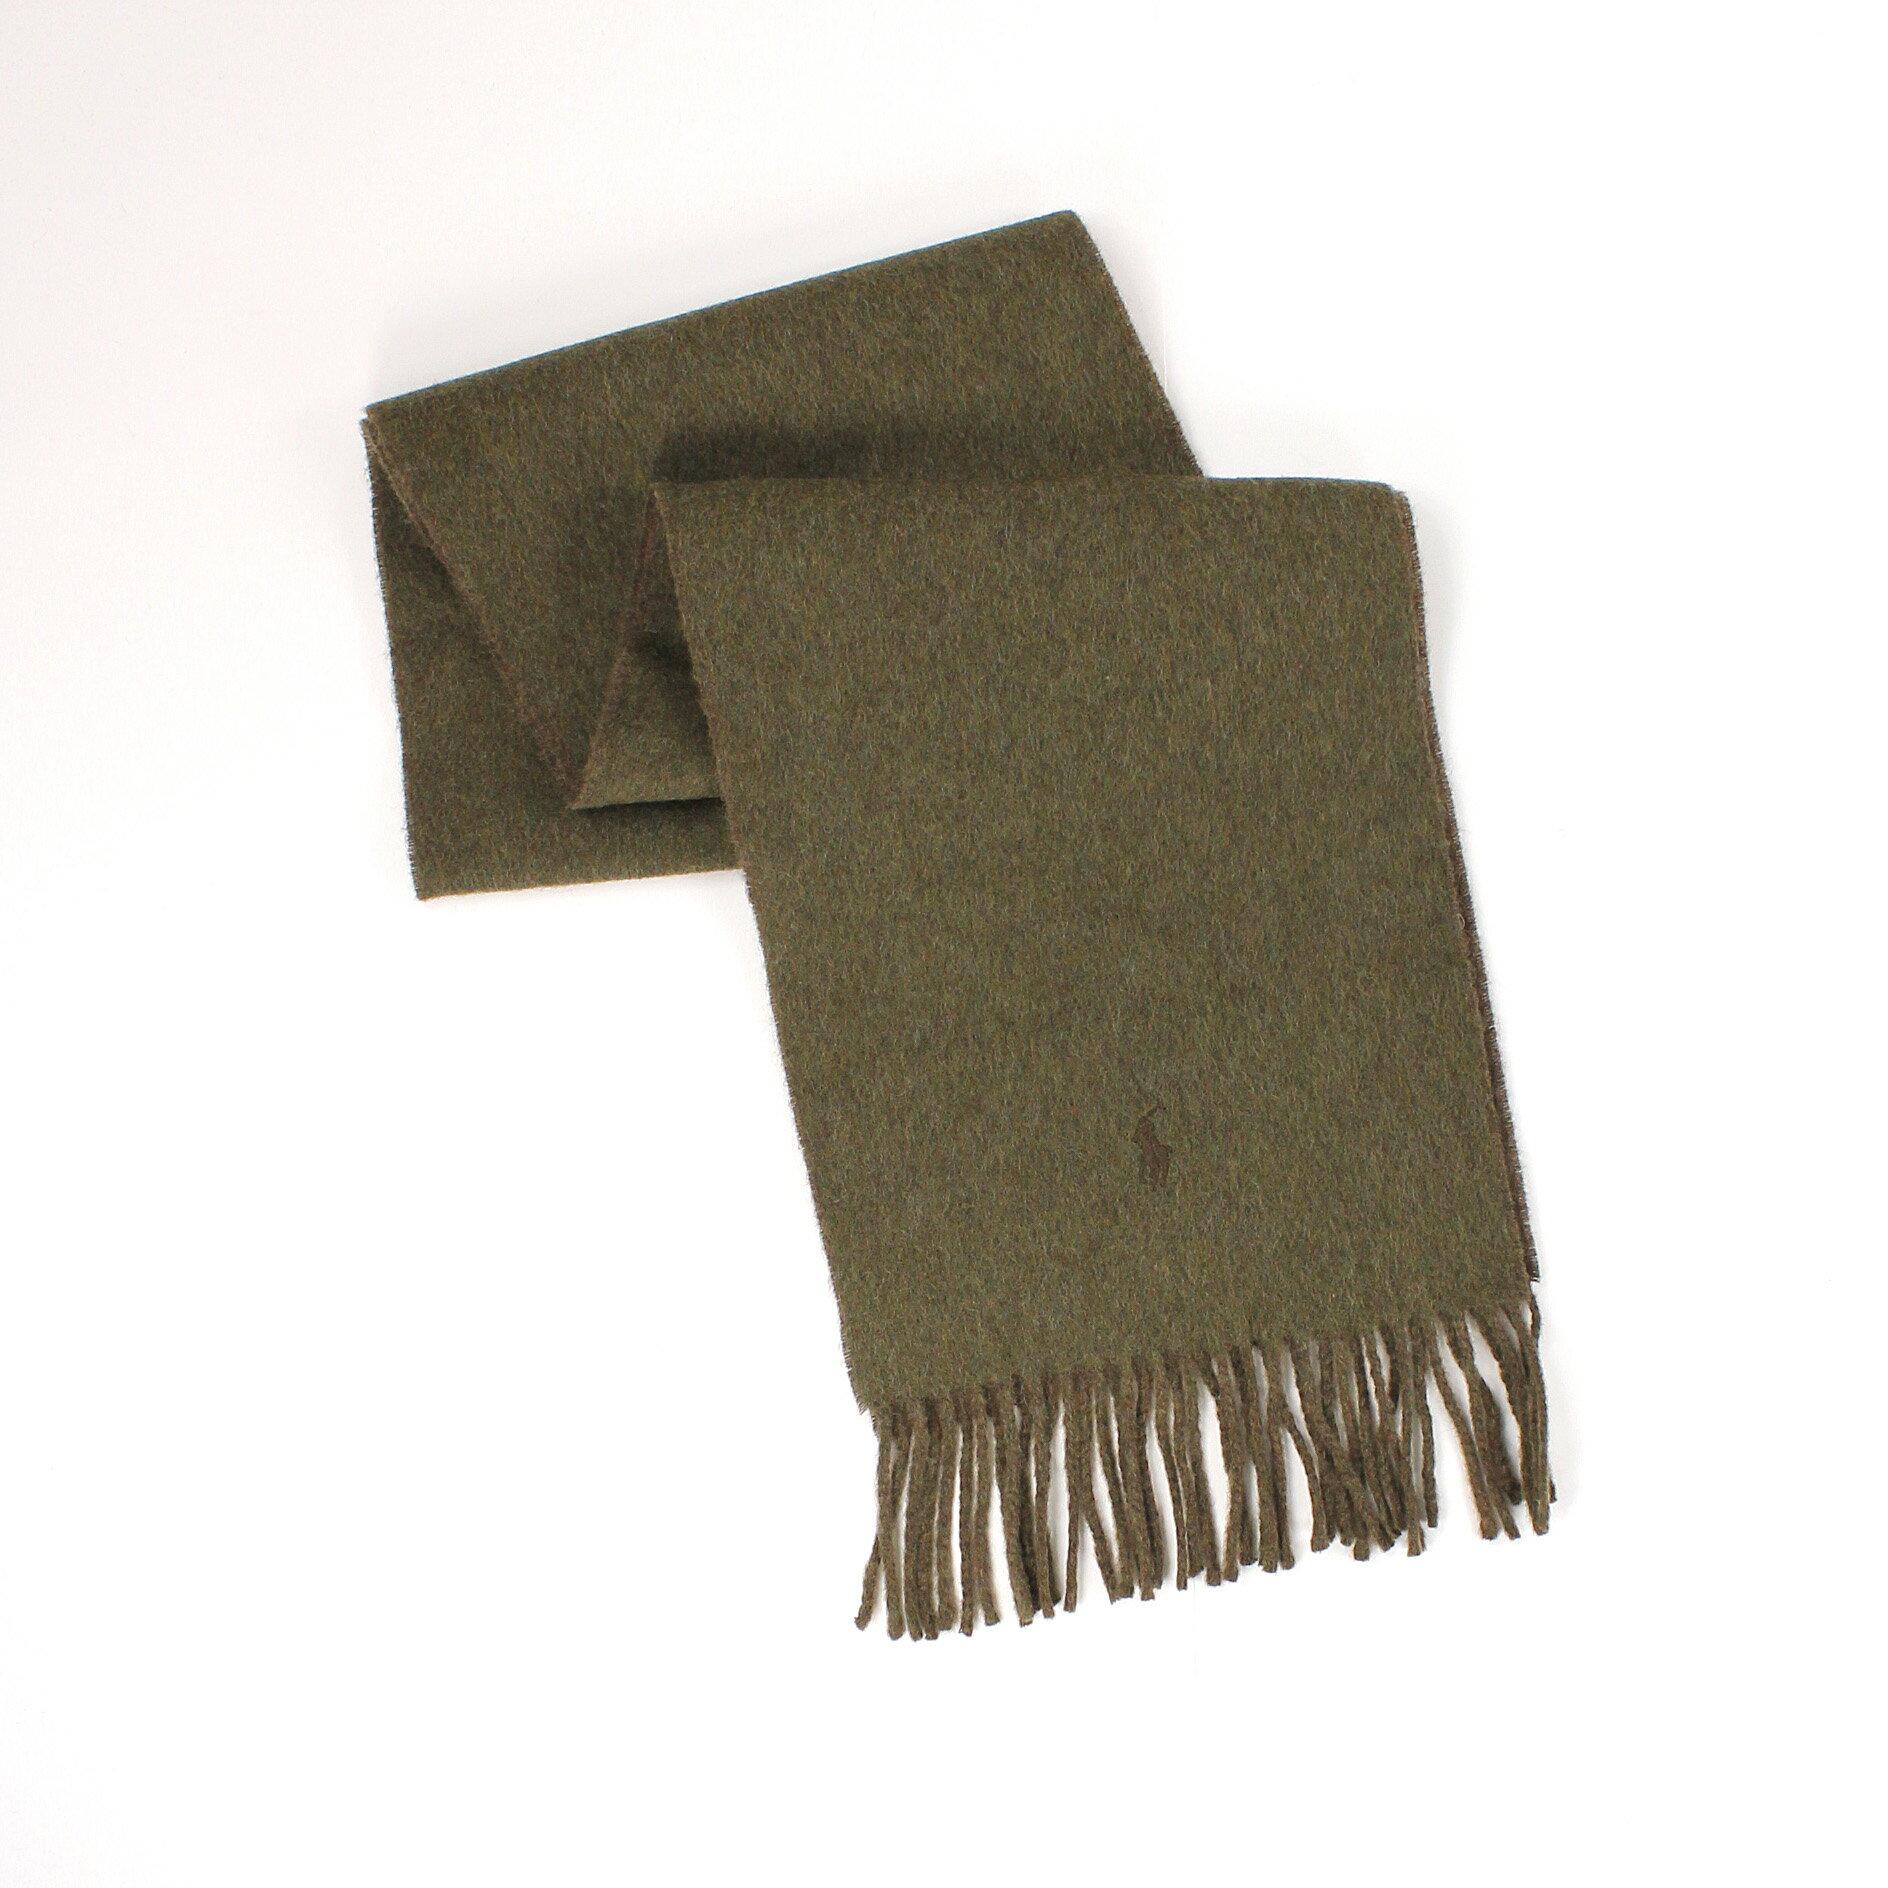 美國百分百【全新真品 】Ralph Lauren 圍巾 RL 配件 披巾 Polo 小馬 綠 咖 羊毛 雙面 保暖 男 女